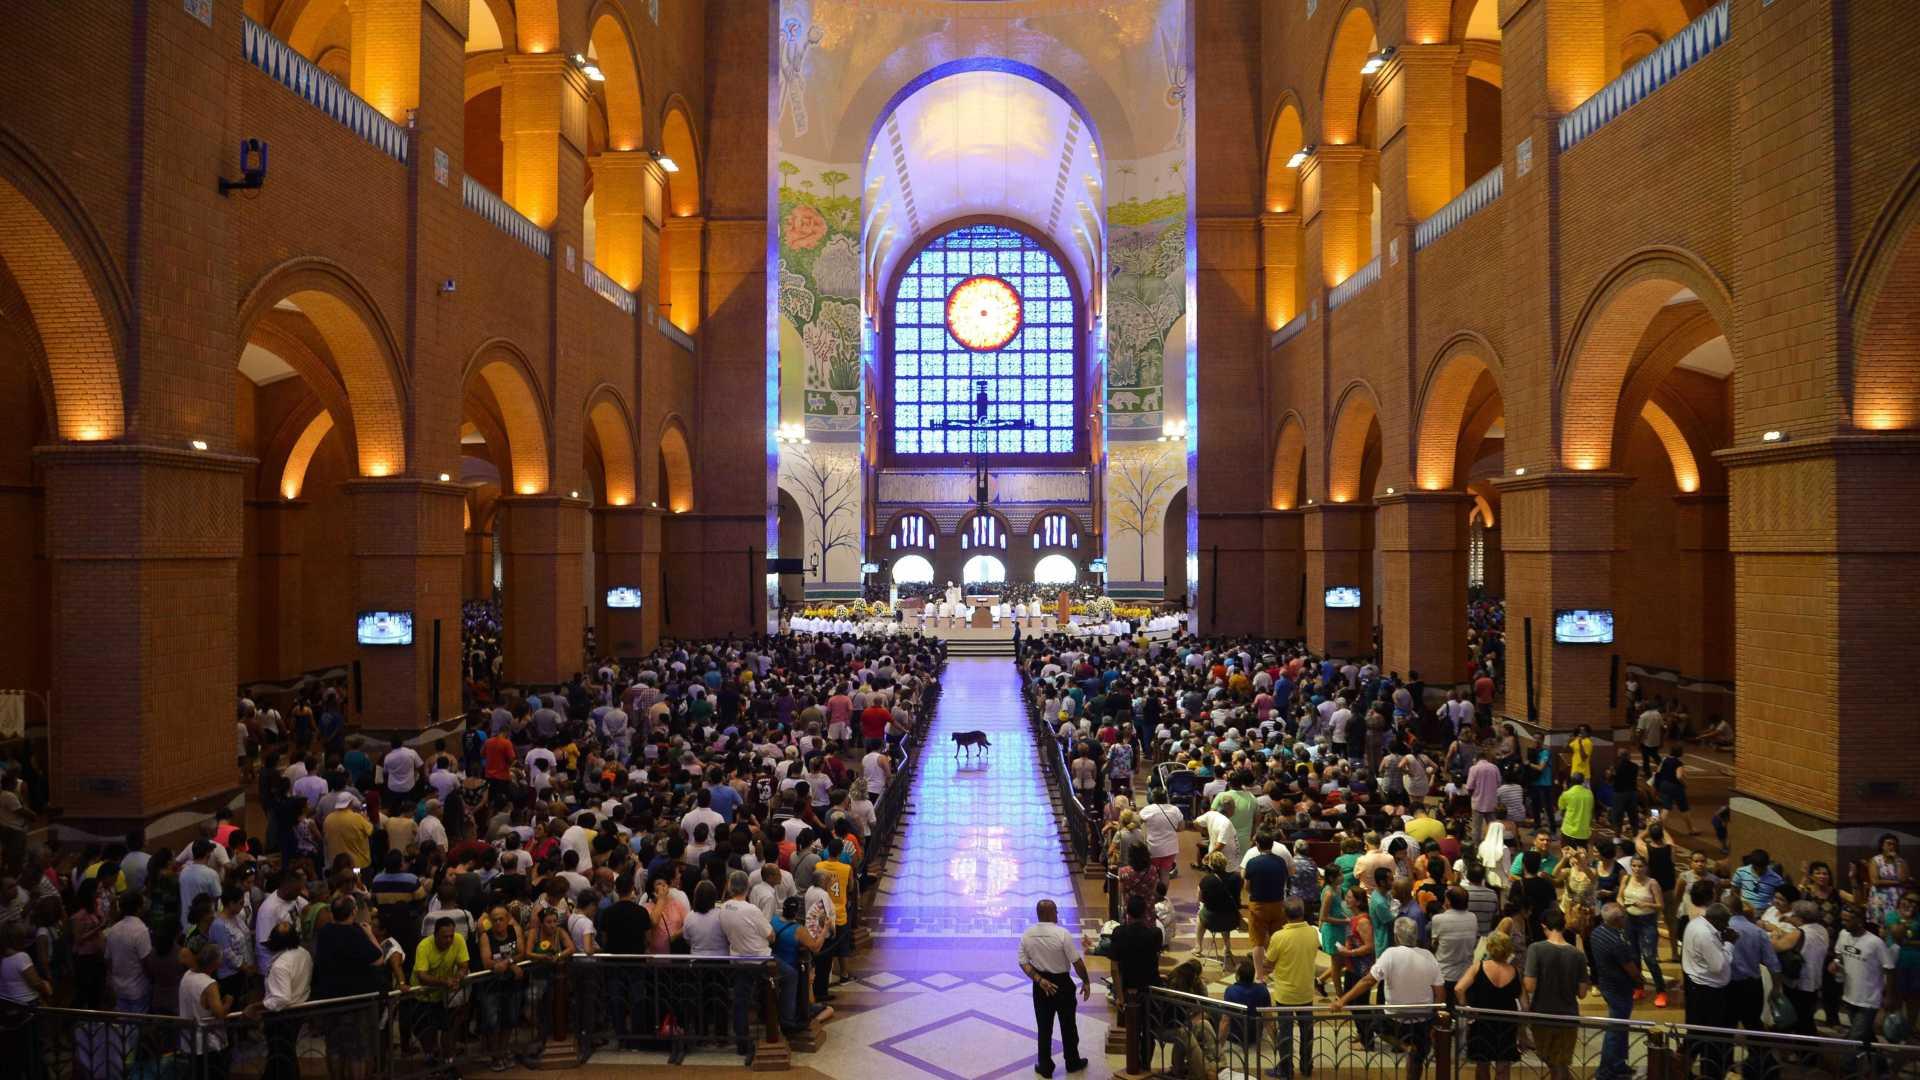 naom 5bc08eef02d53 - Festa da Padroeira do Brasil movimenta Santuário de Aparecida